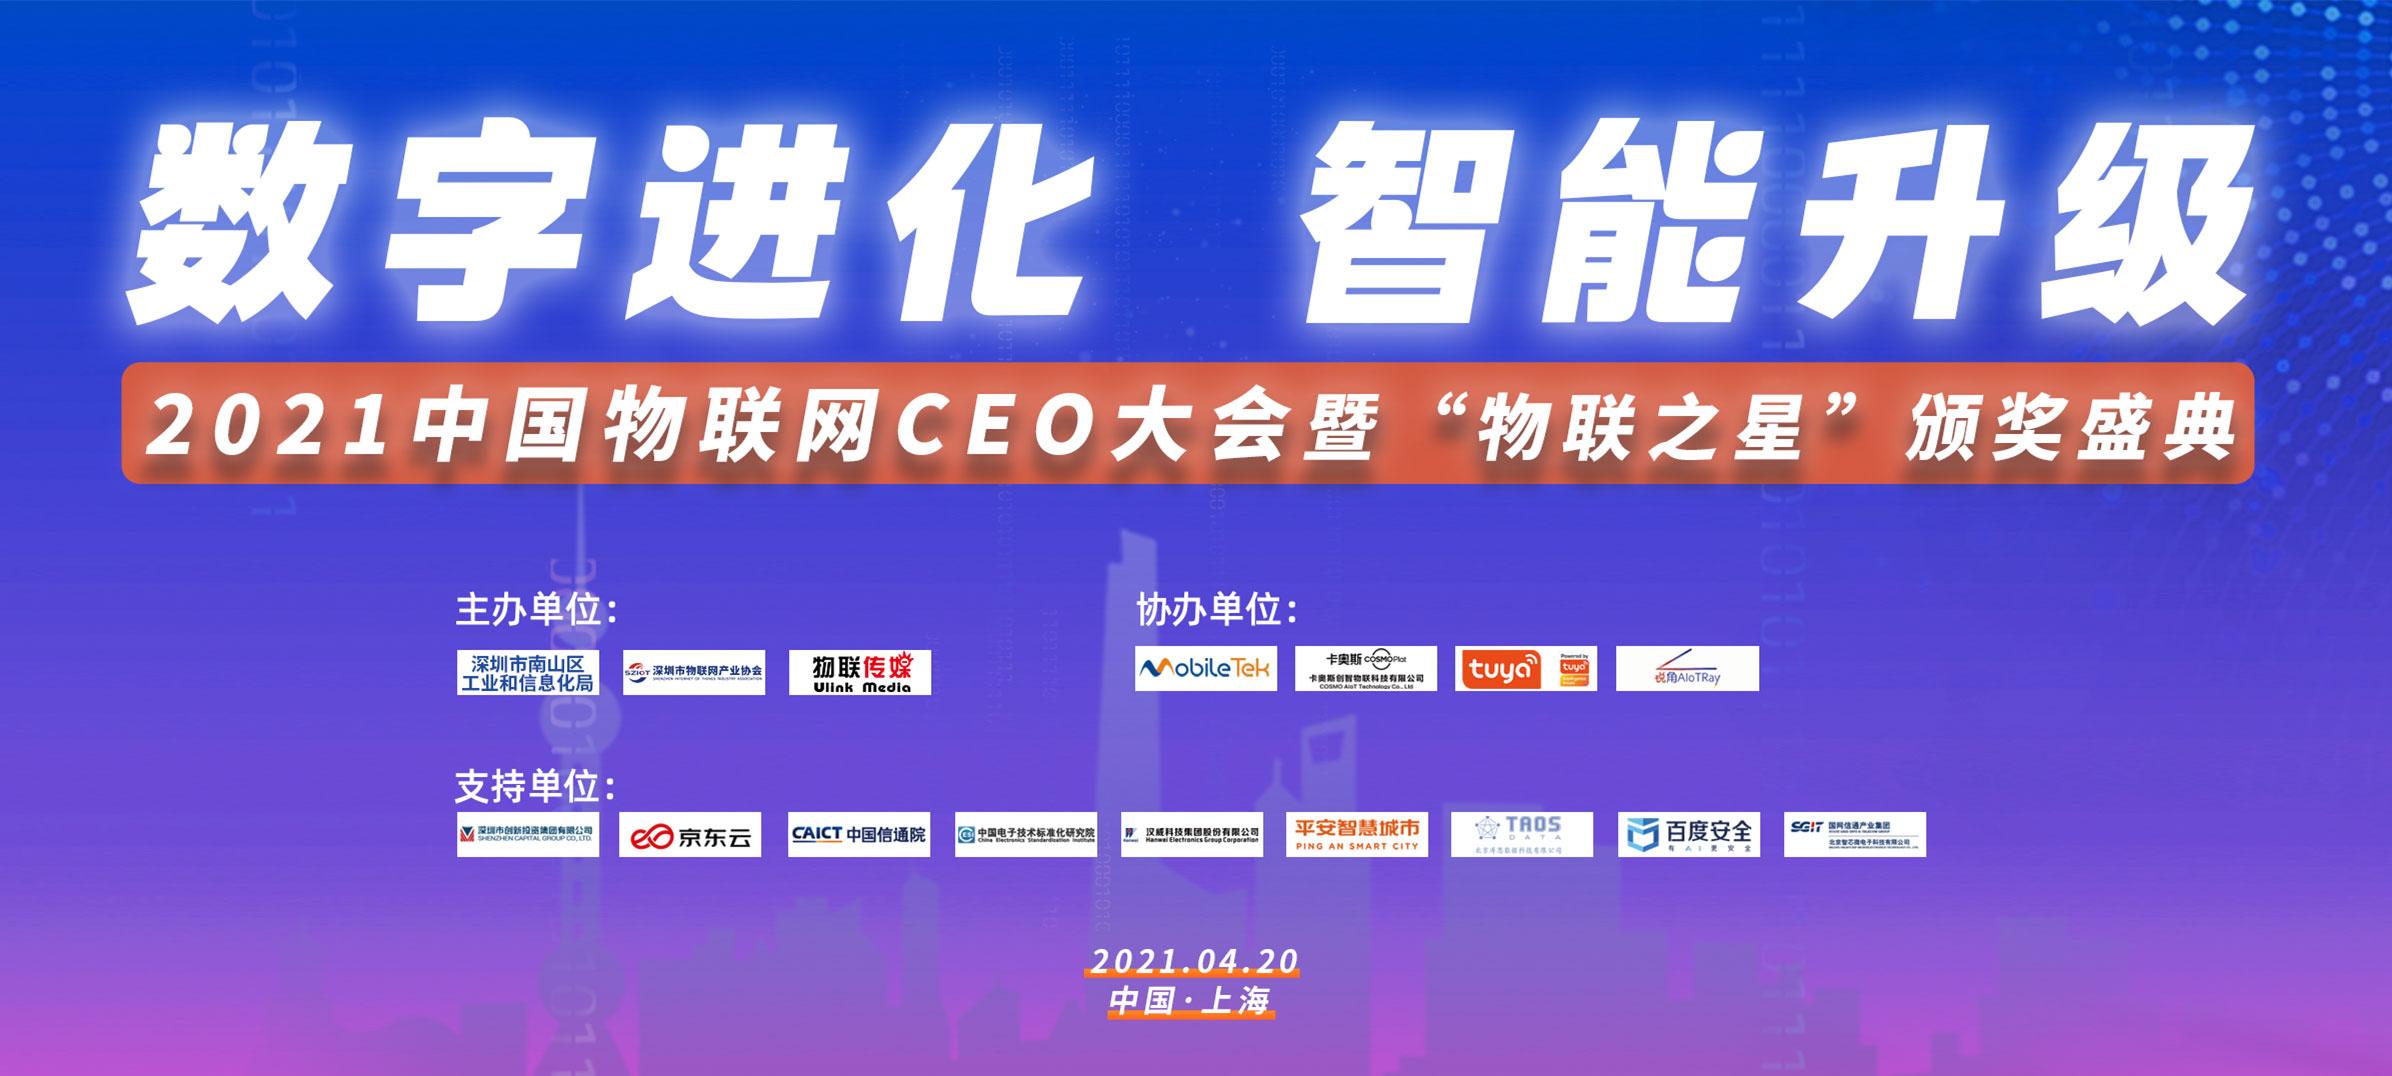 """2021中国物联网CEO大会暨""""物联之星""""颁奖典礼"""